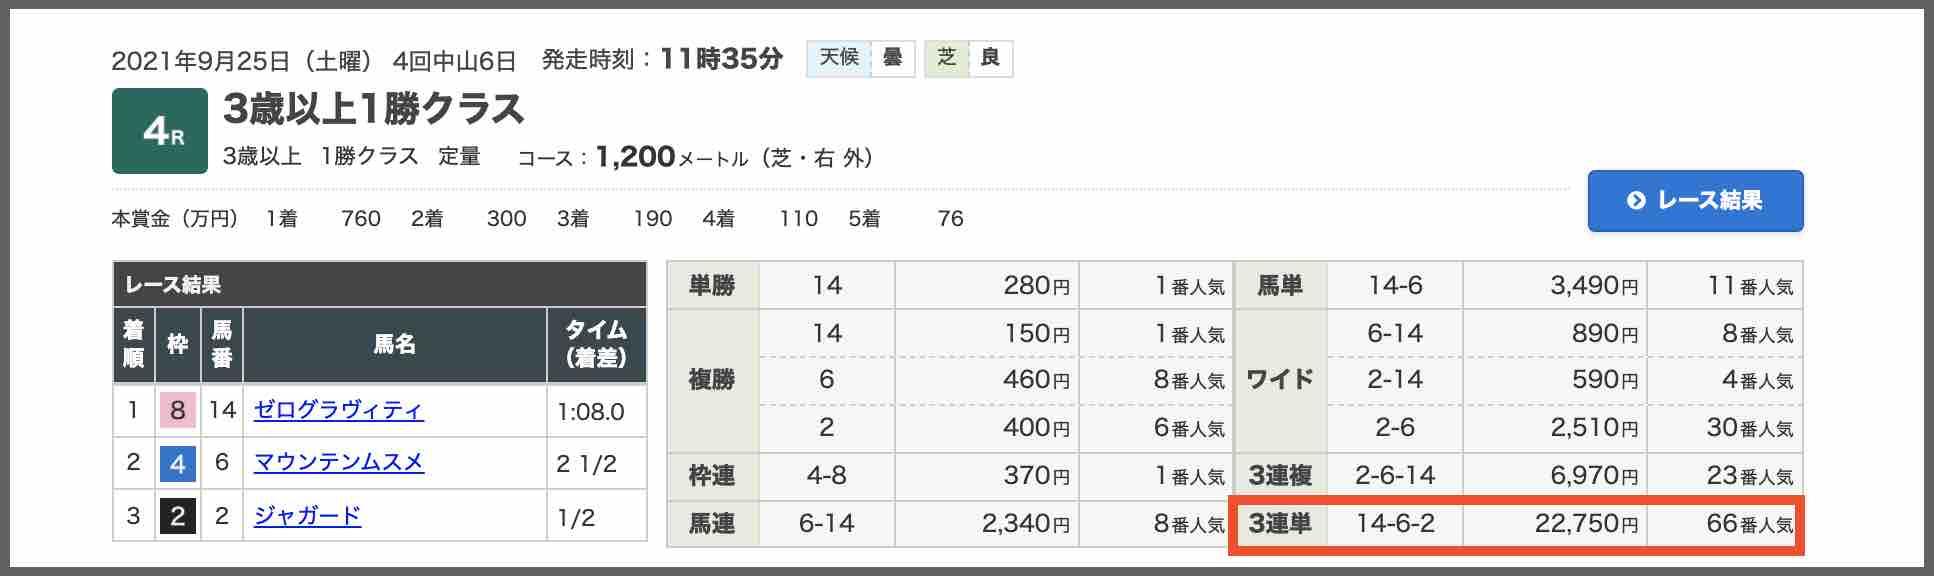 血統シックス(血統6)と言う競馬予想サイトで的中した配当